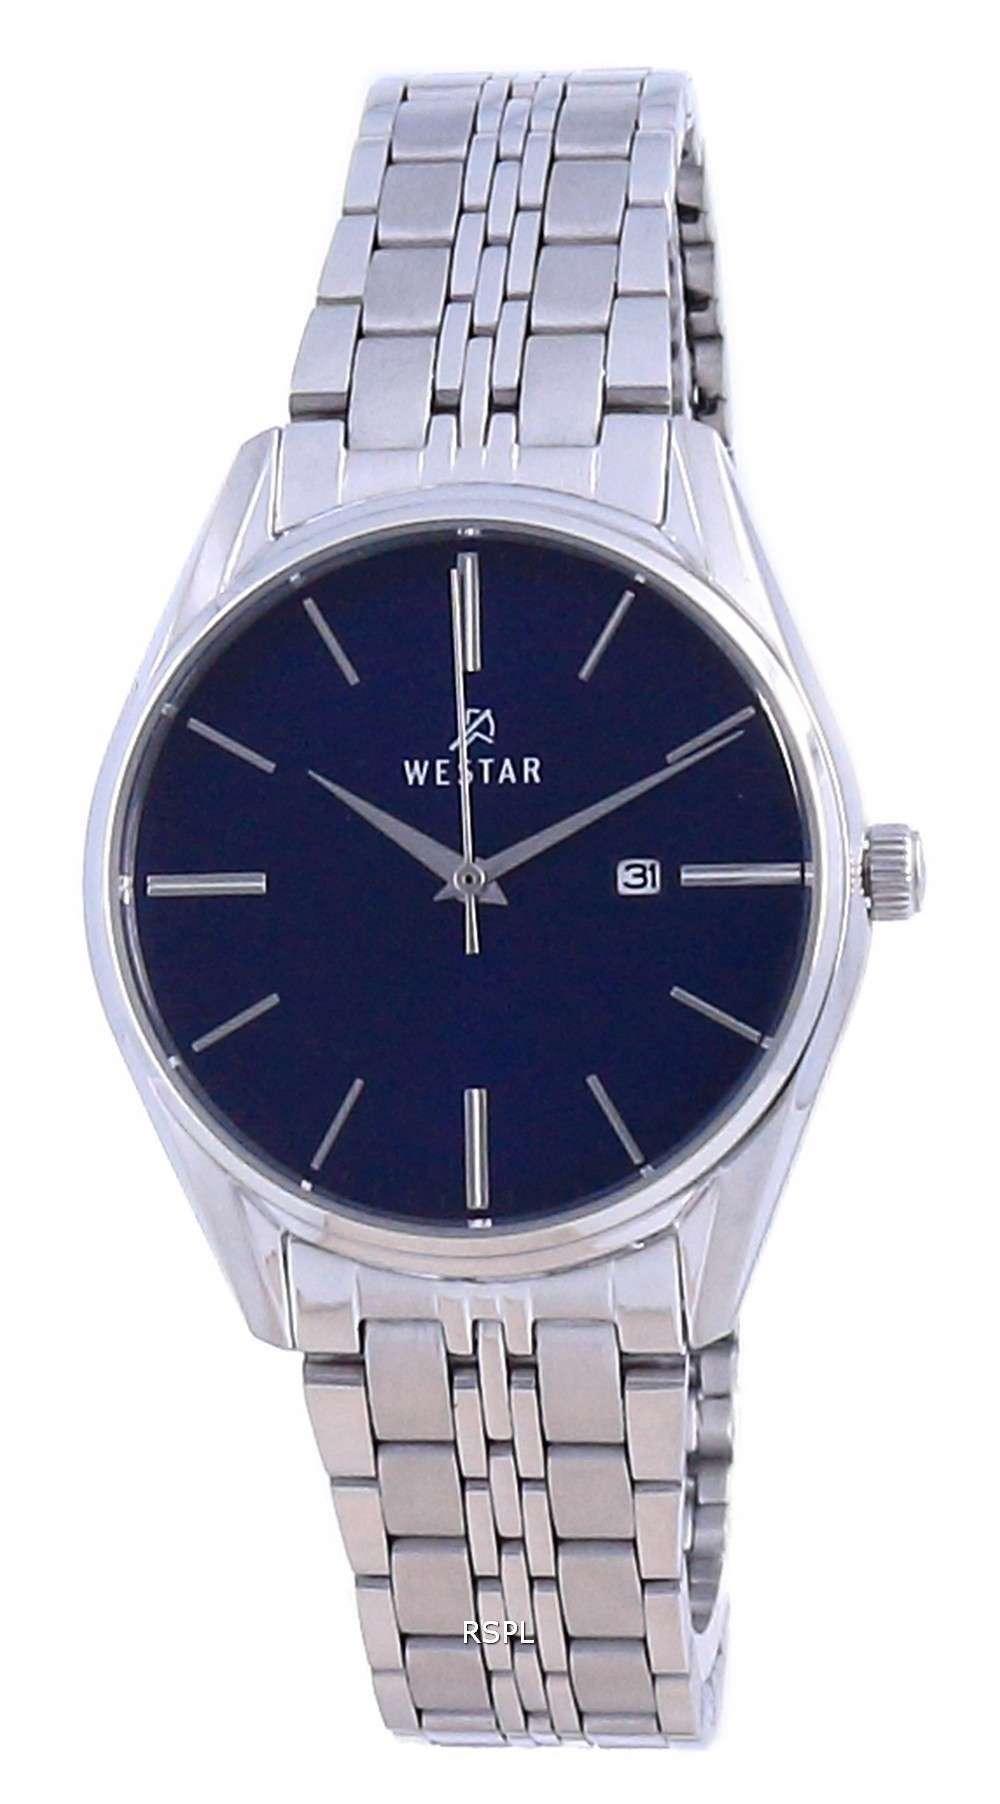 Westar esfera azul acero inoxidable cuarzo 40210 STN 104 reloj para mujer